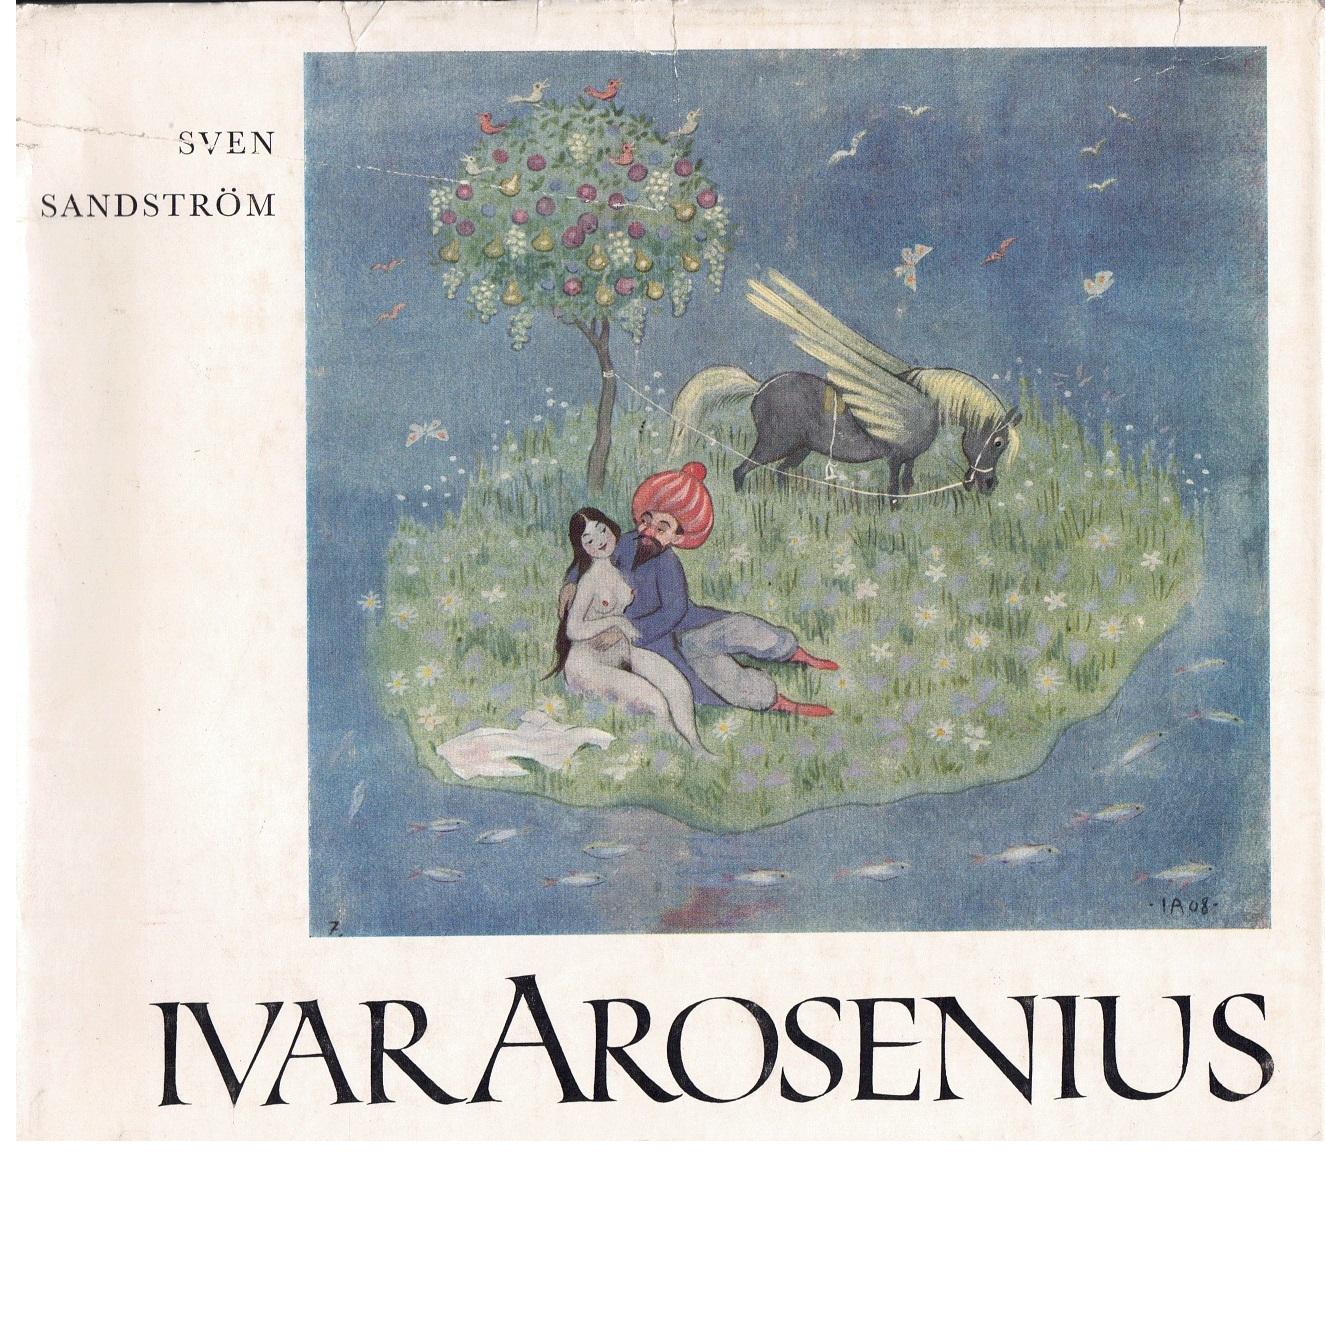 Ivar Arosenius : hans konst och liv - Sandström, Sven